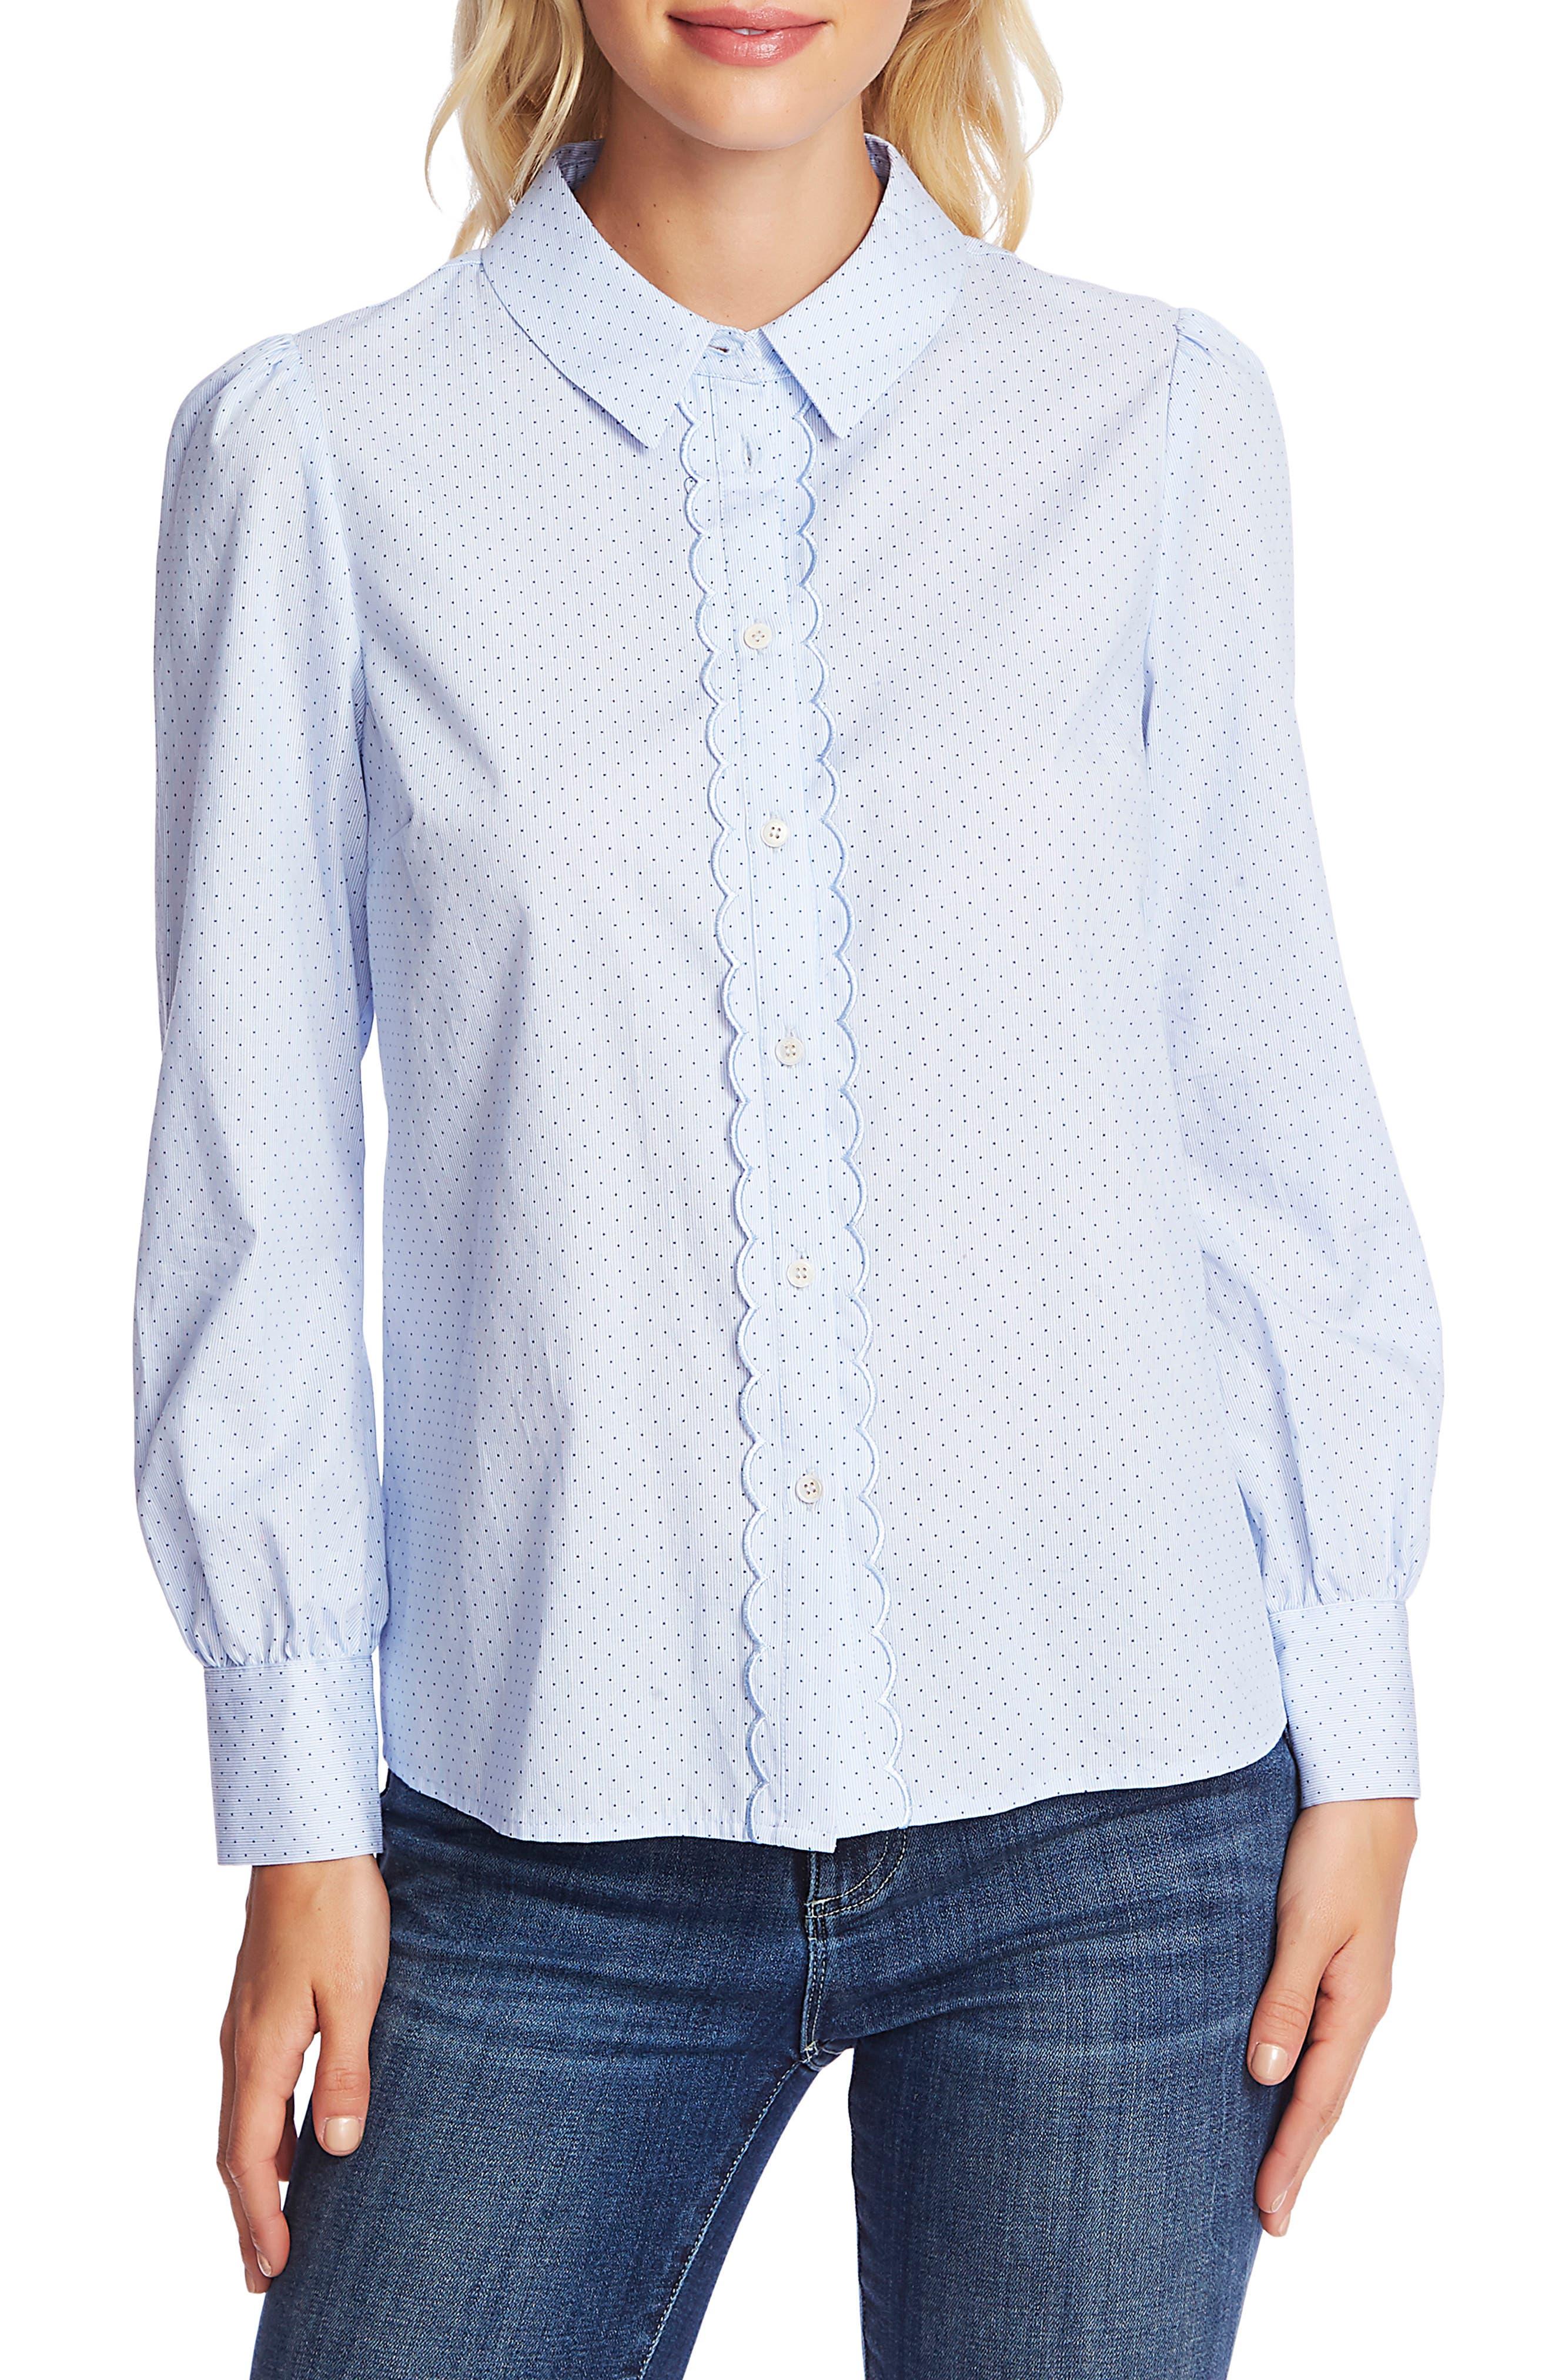 1930s Style Blouses, Shirts, Tops | Vintage Blouses Womens Cece Pin Dot Scallop Placket Cotton Blouse $34.97 AT vintagedancer.com